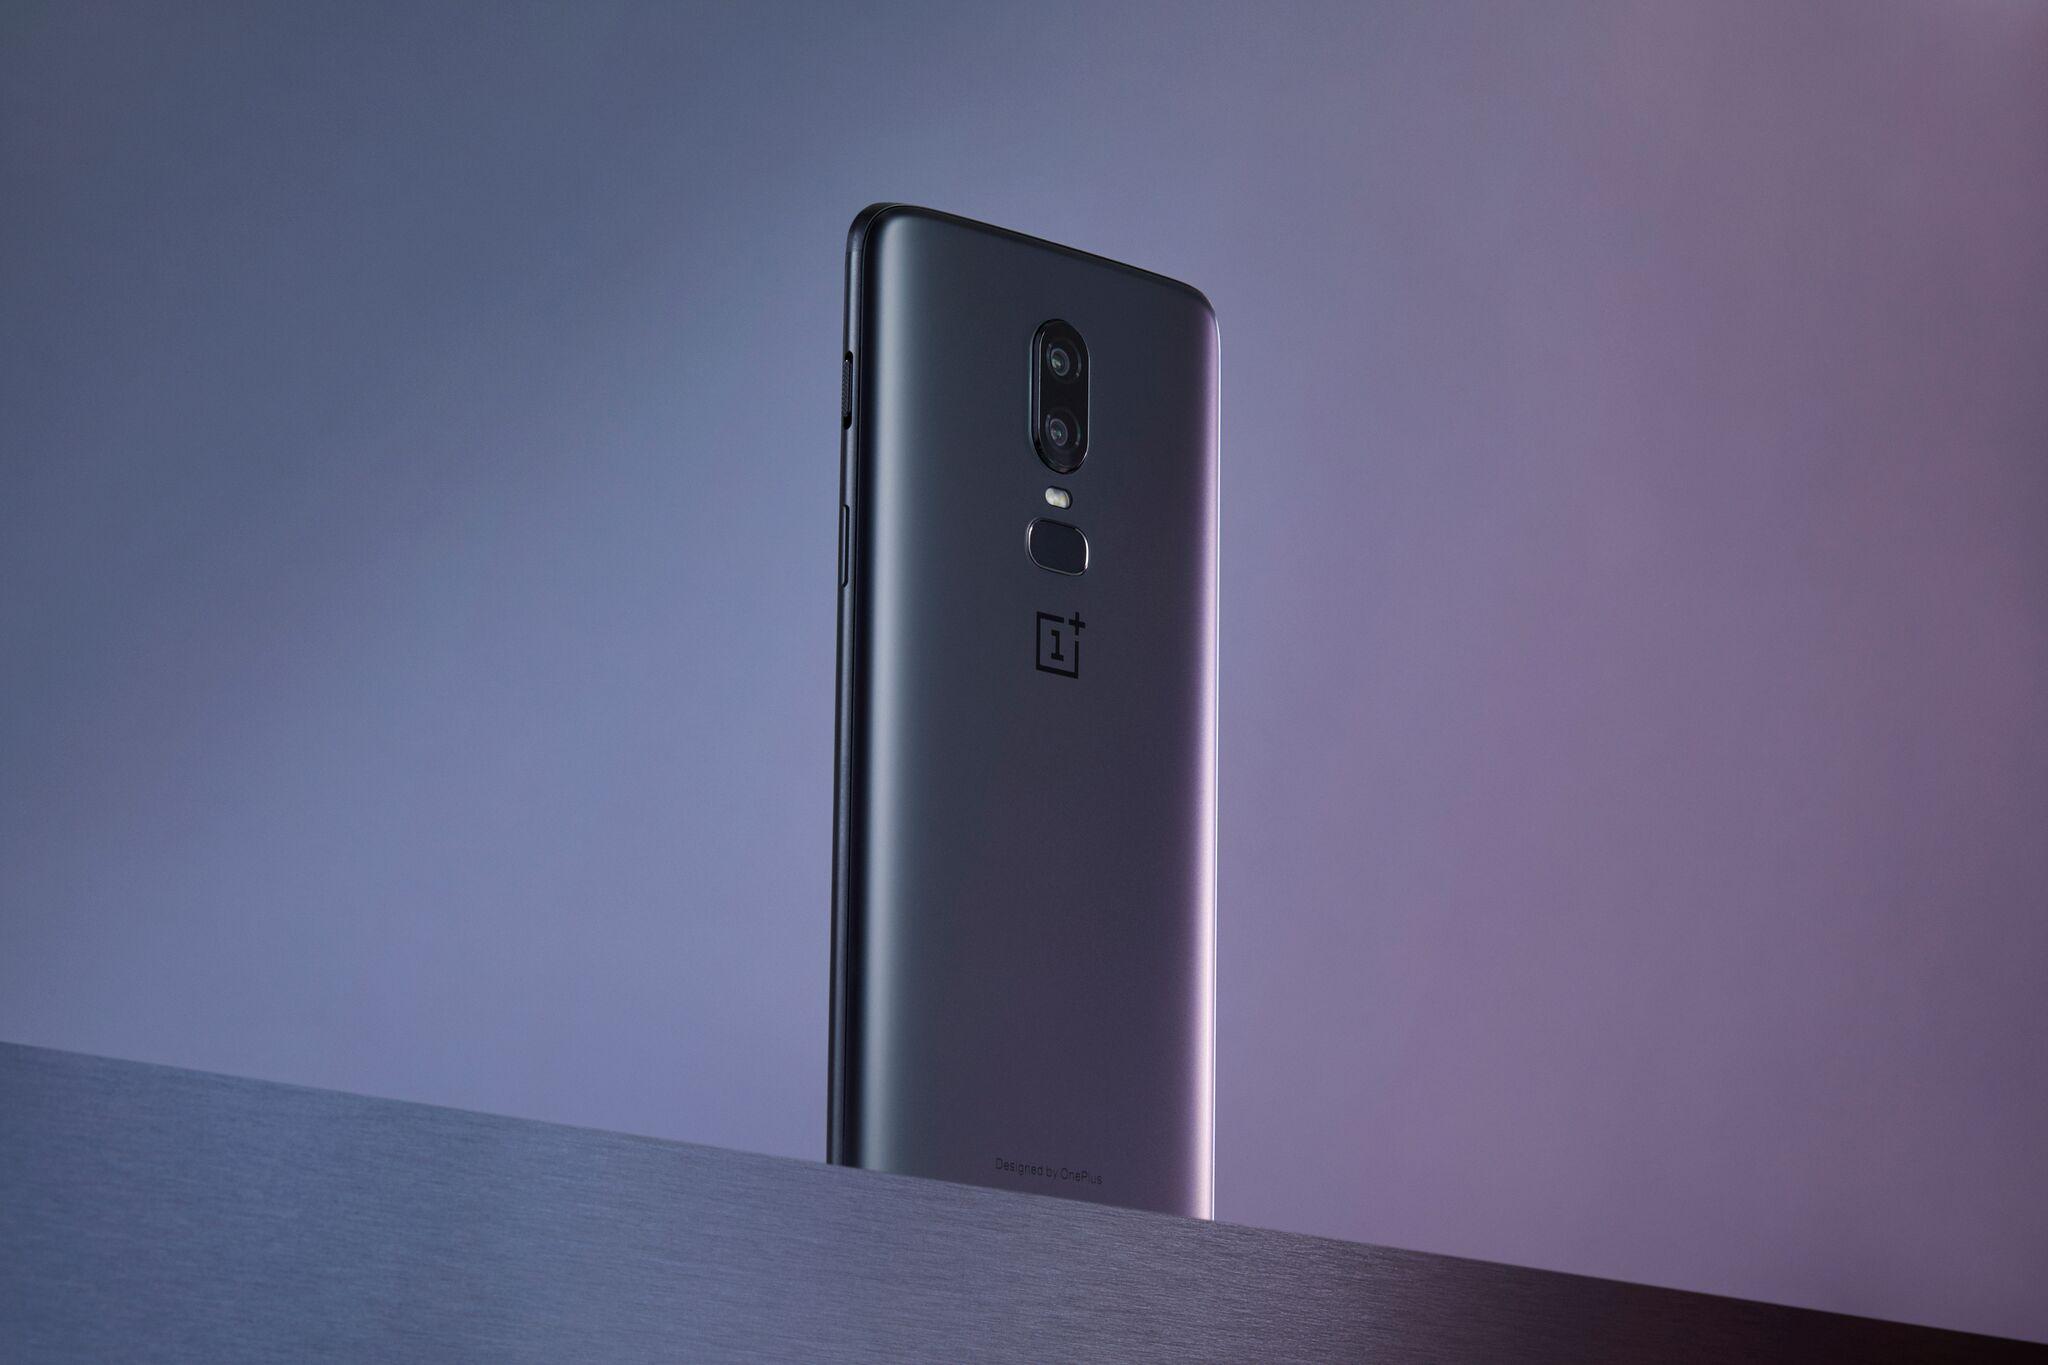 Le OnePlus 6 est disponible chez Bouygues Telecom : son prix subventionné